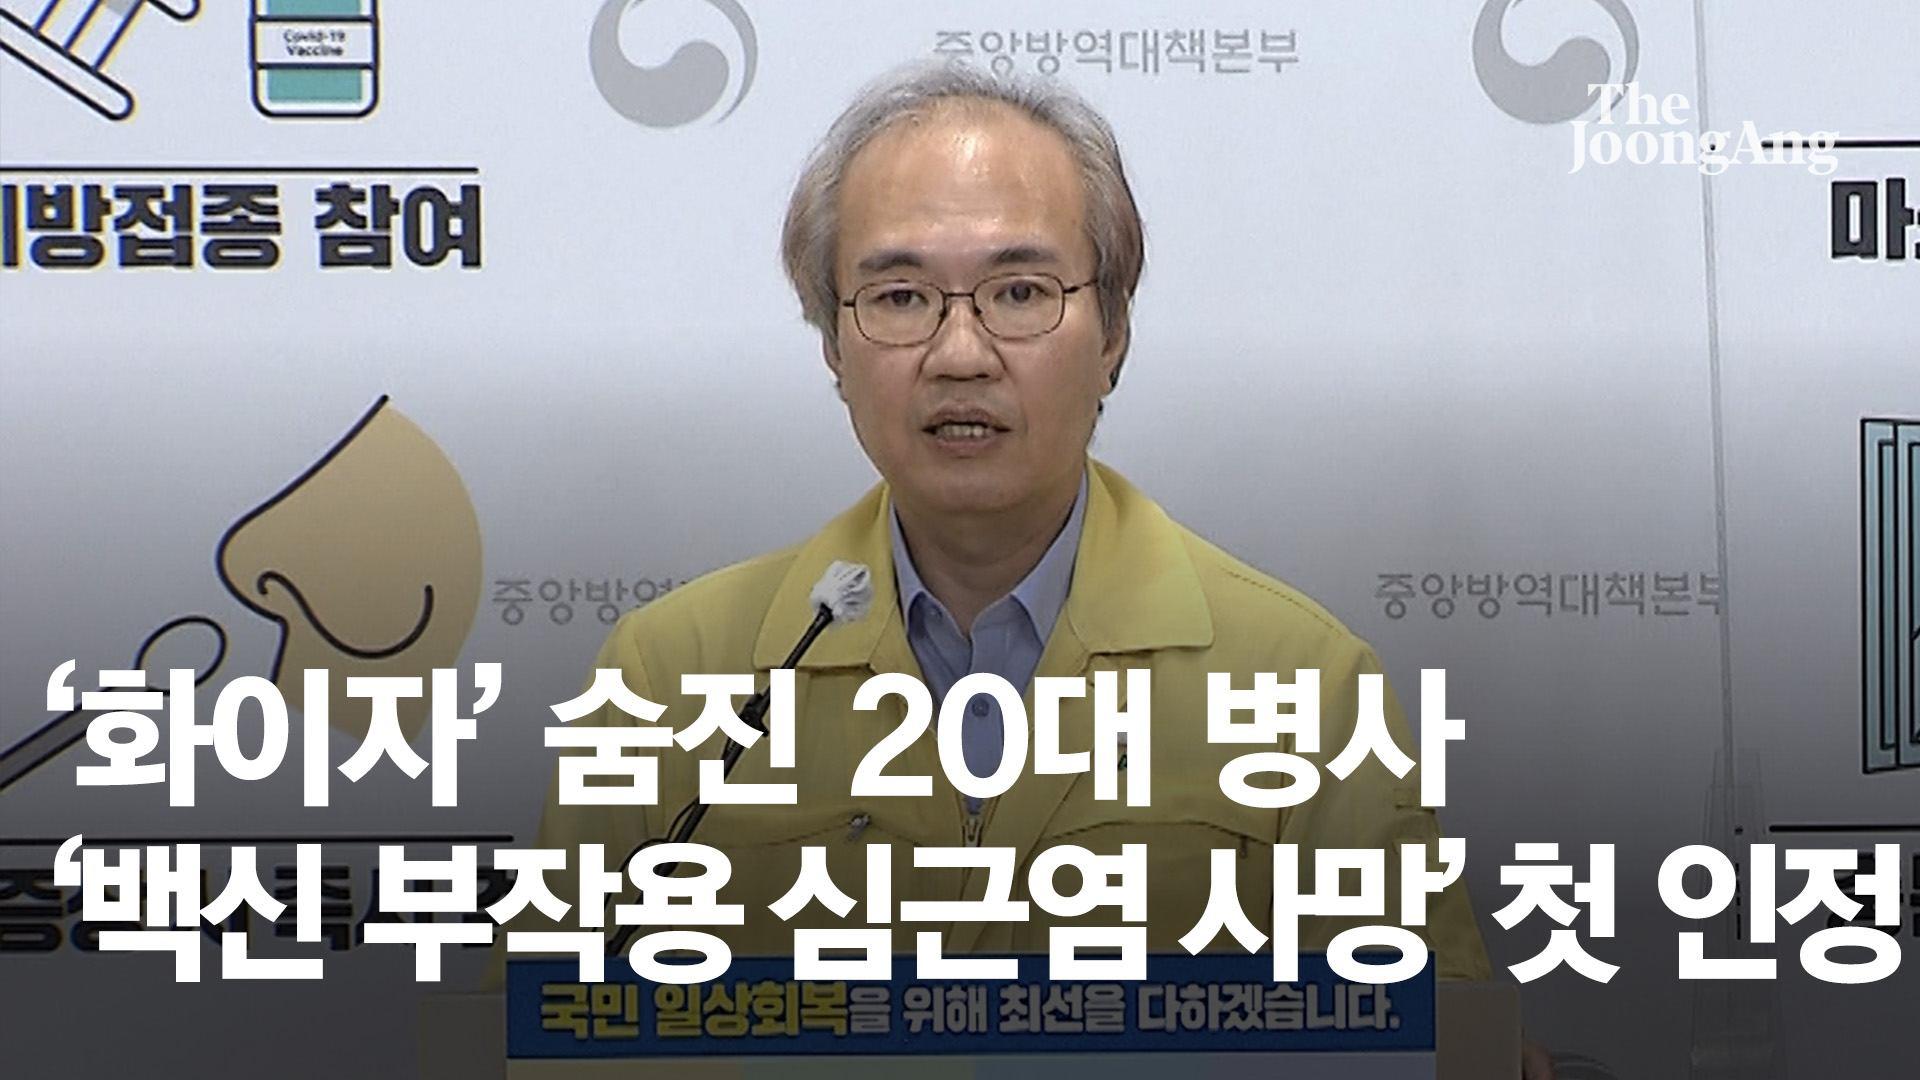 '화이자' 숨진 20대 병사…'백신 부작용 심근염 사망' 첫 인정